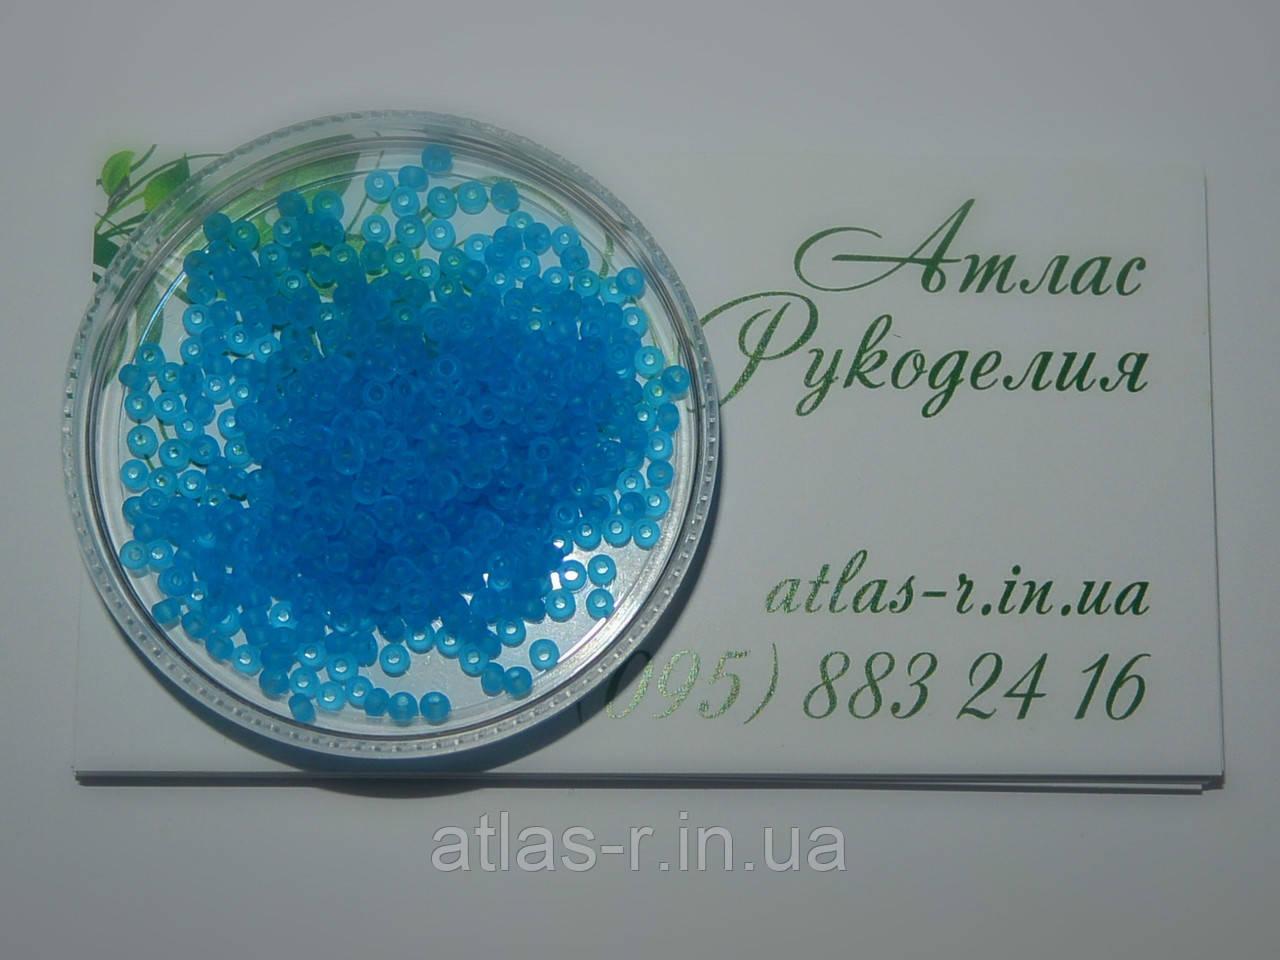 Бисер Preciosa Чехия №60030 matt 1г, голубой, прозрачный, матовый